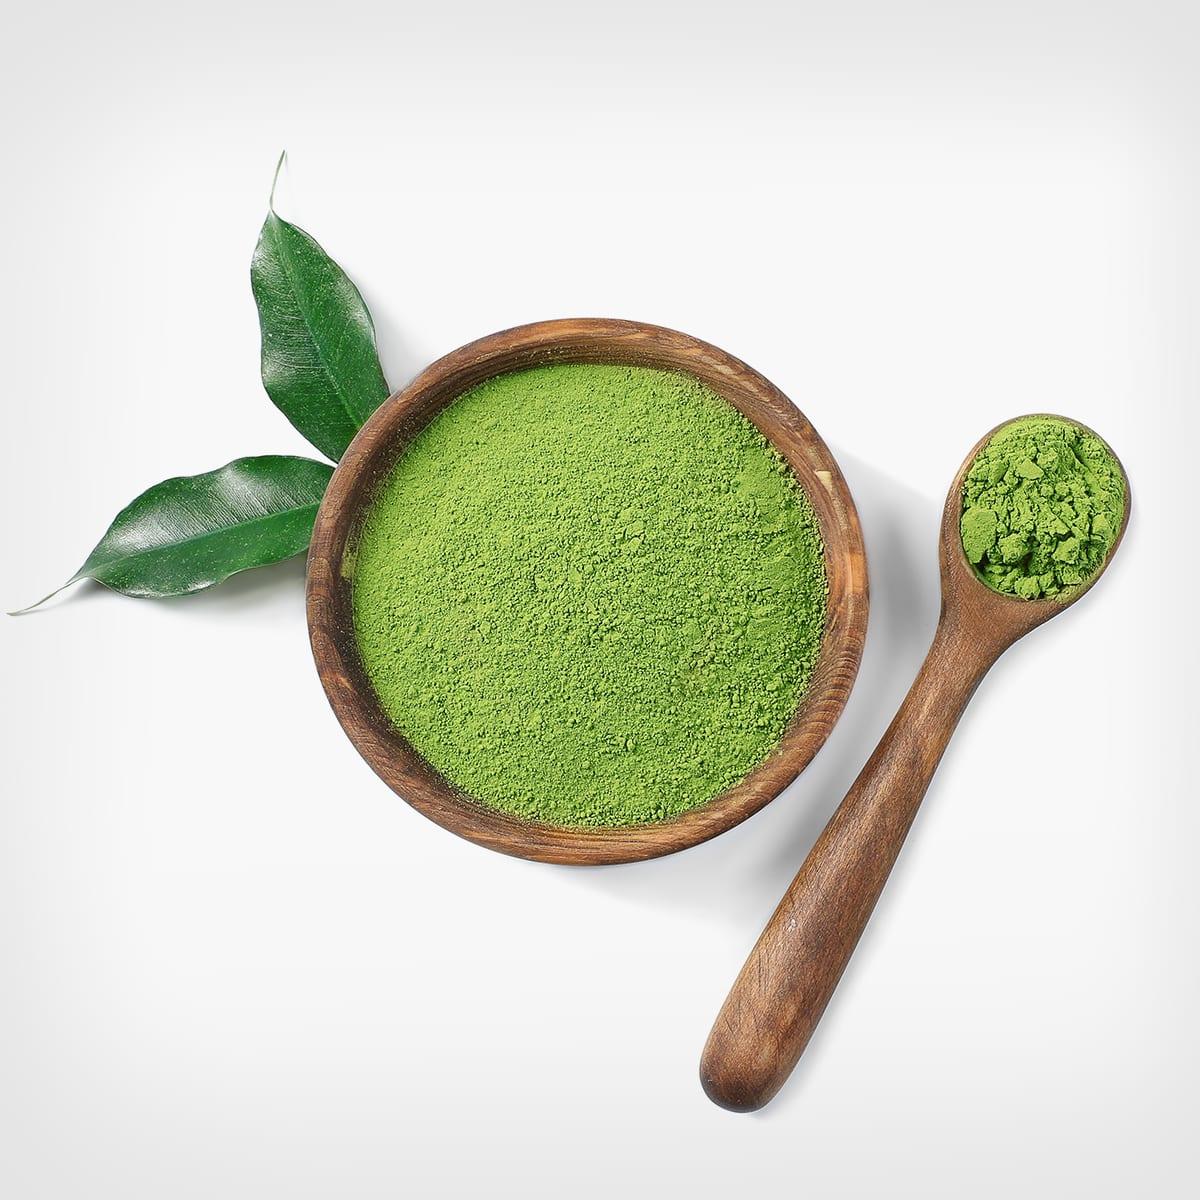 green tea 02. - ประเภทของชาเขียวมีอะไรบ้าง ที่คนชอบดื่มชาควรรู้